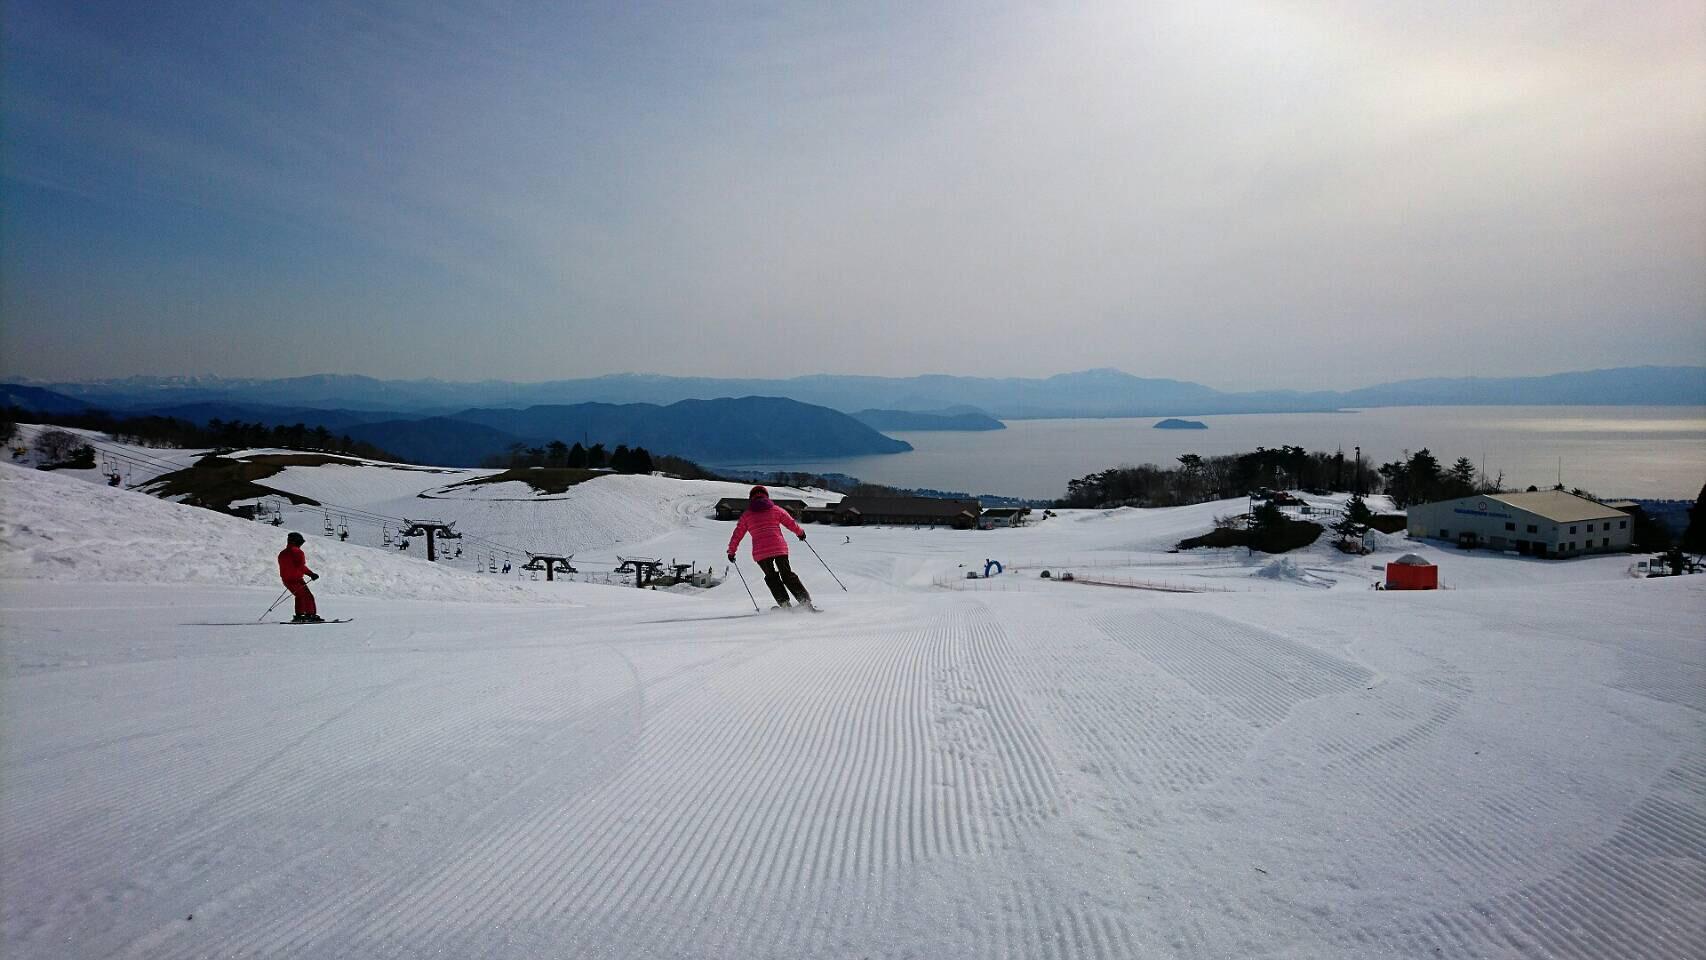 関西のスキー場おすすめガイド!ナイター営業で夜まで思いっきり楽しもう!